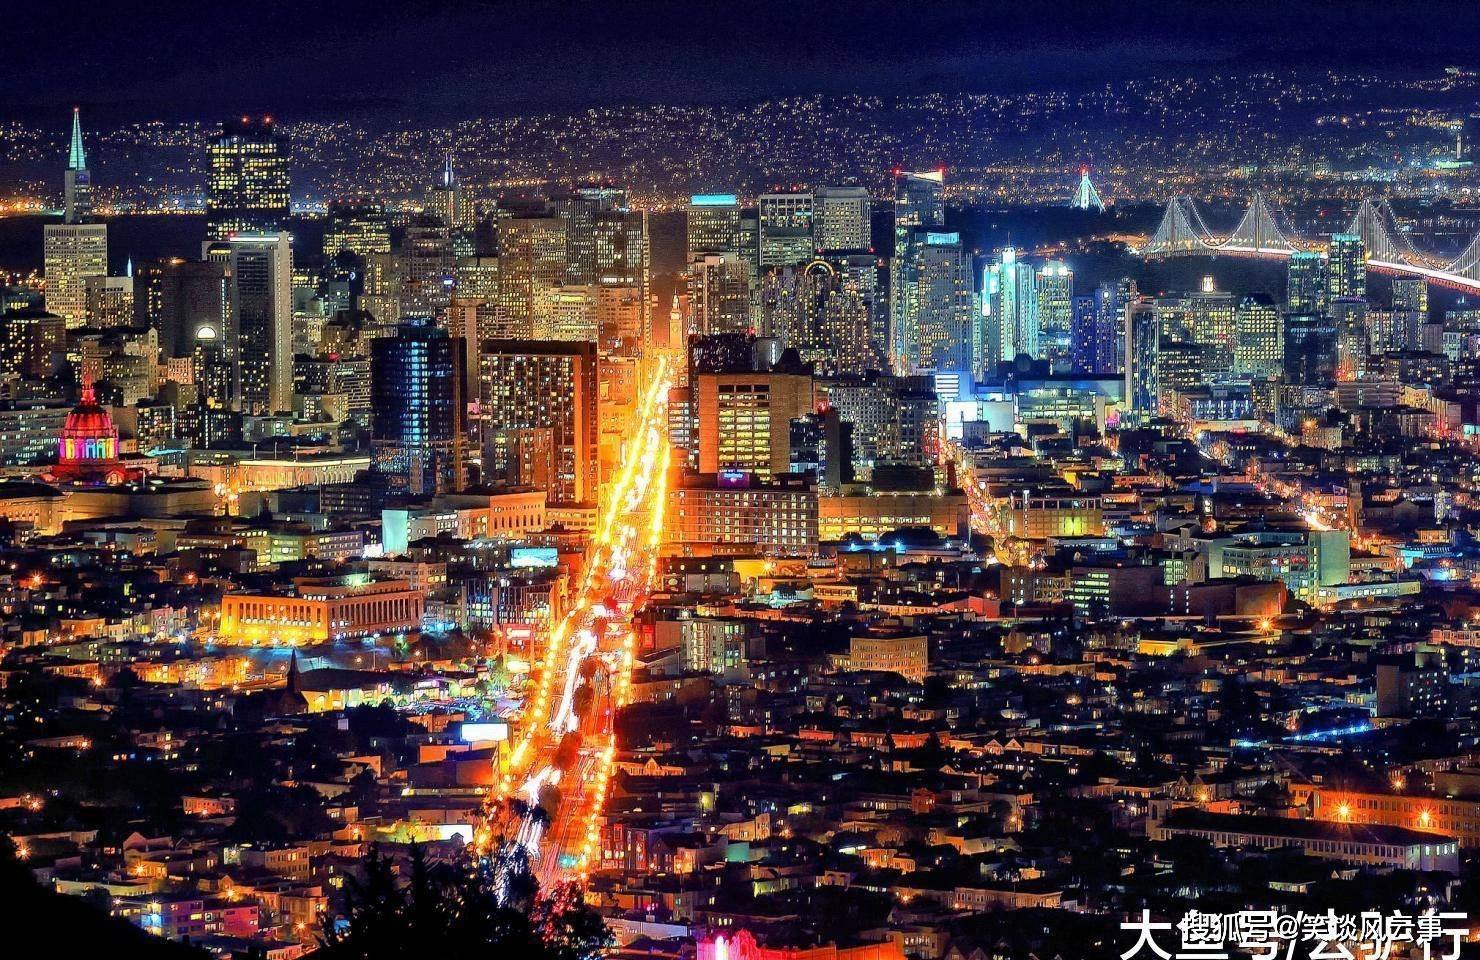 世界上最牛的山城, GDP比重庆多2千亿美金, 在中国能排第几